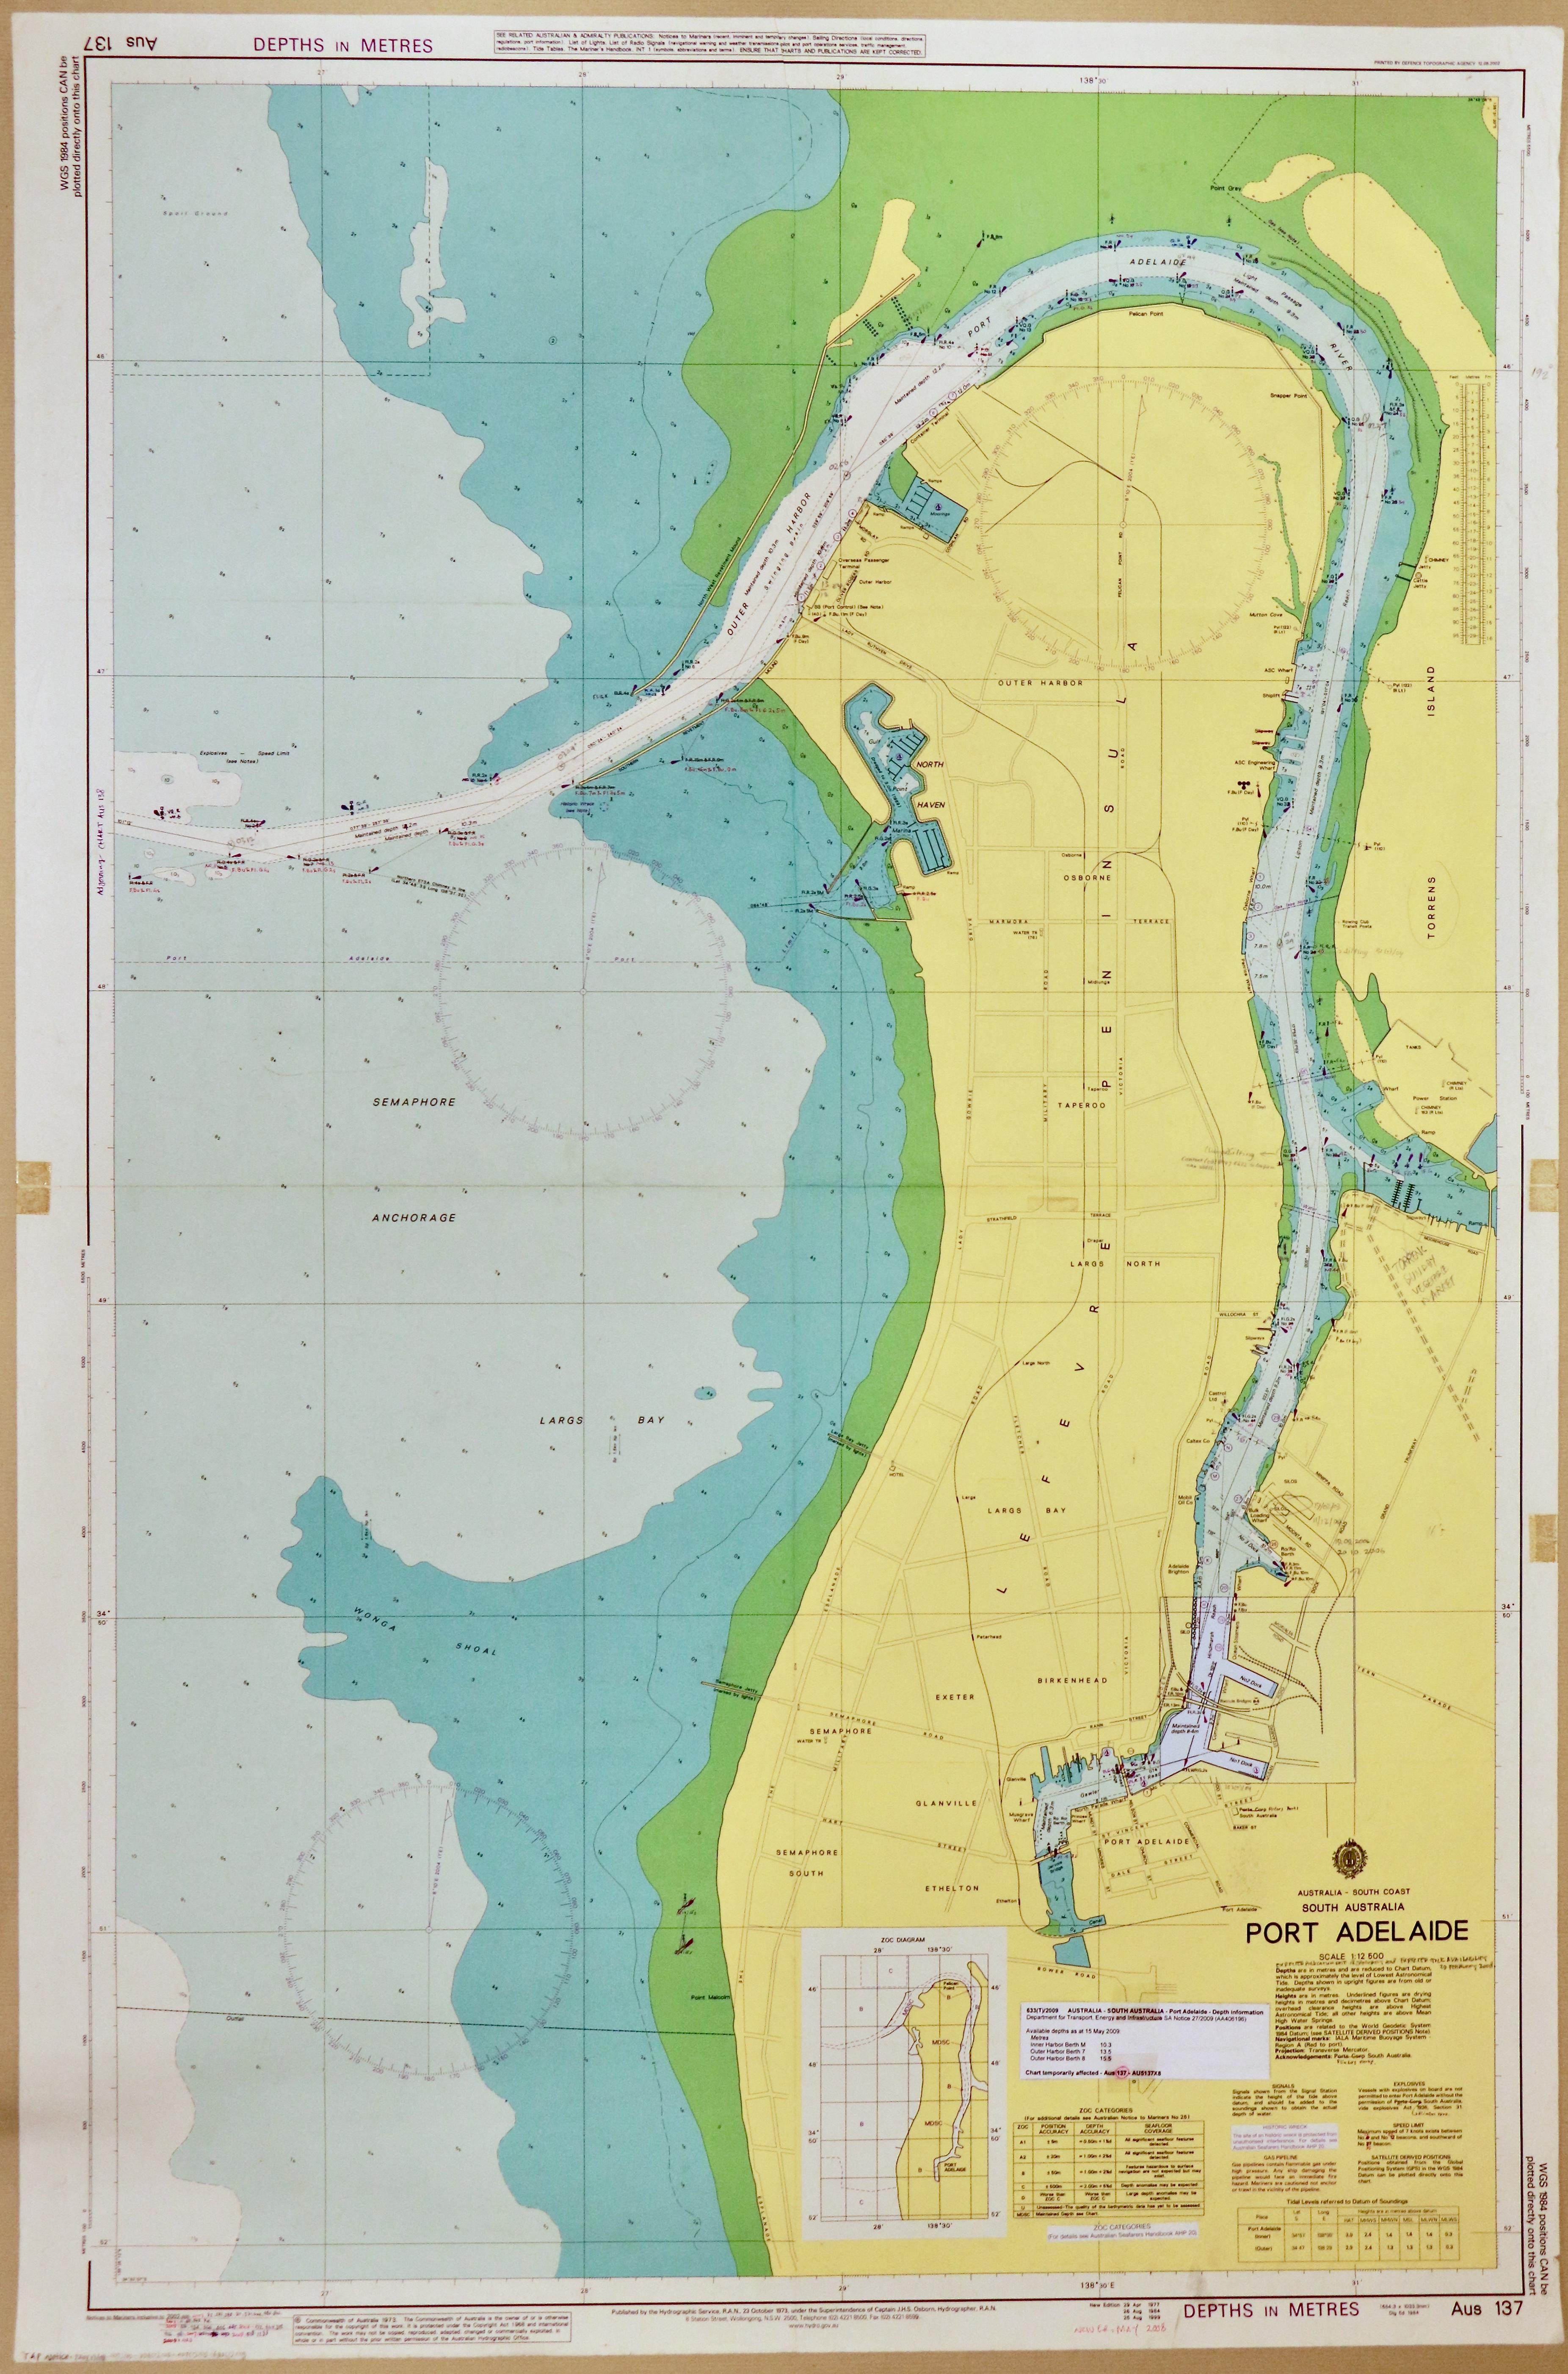 44 - Port Adelaide